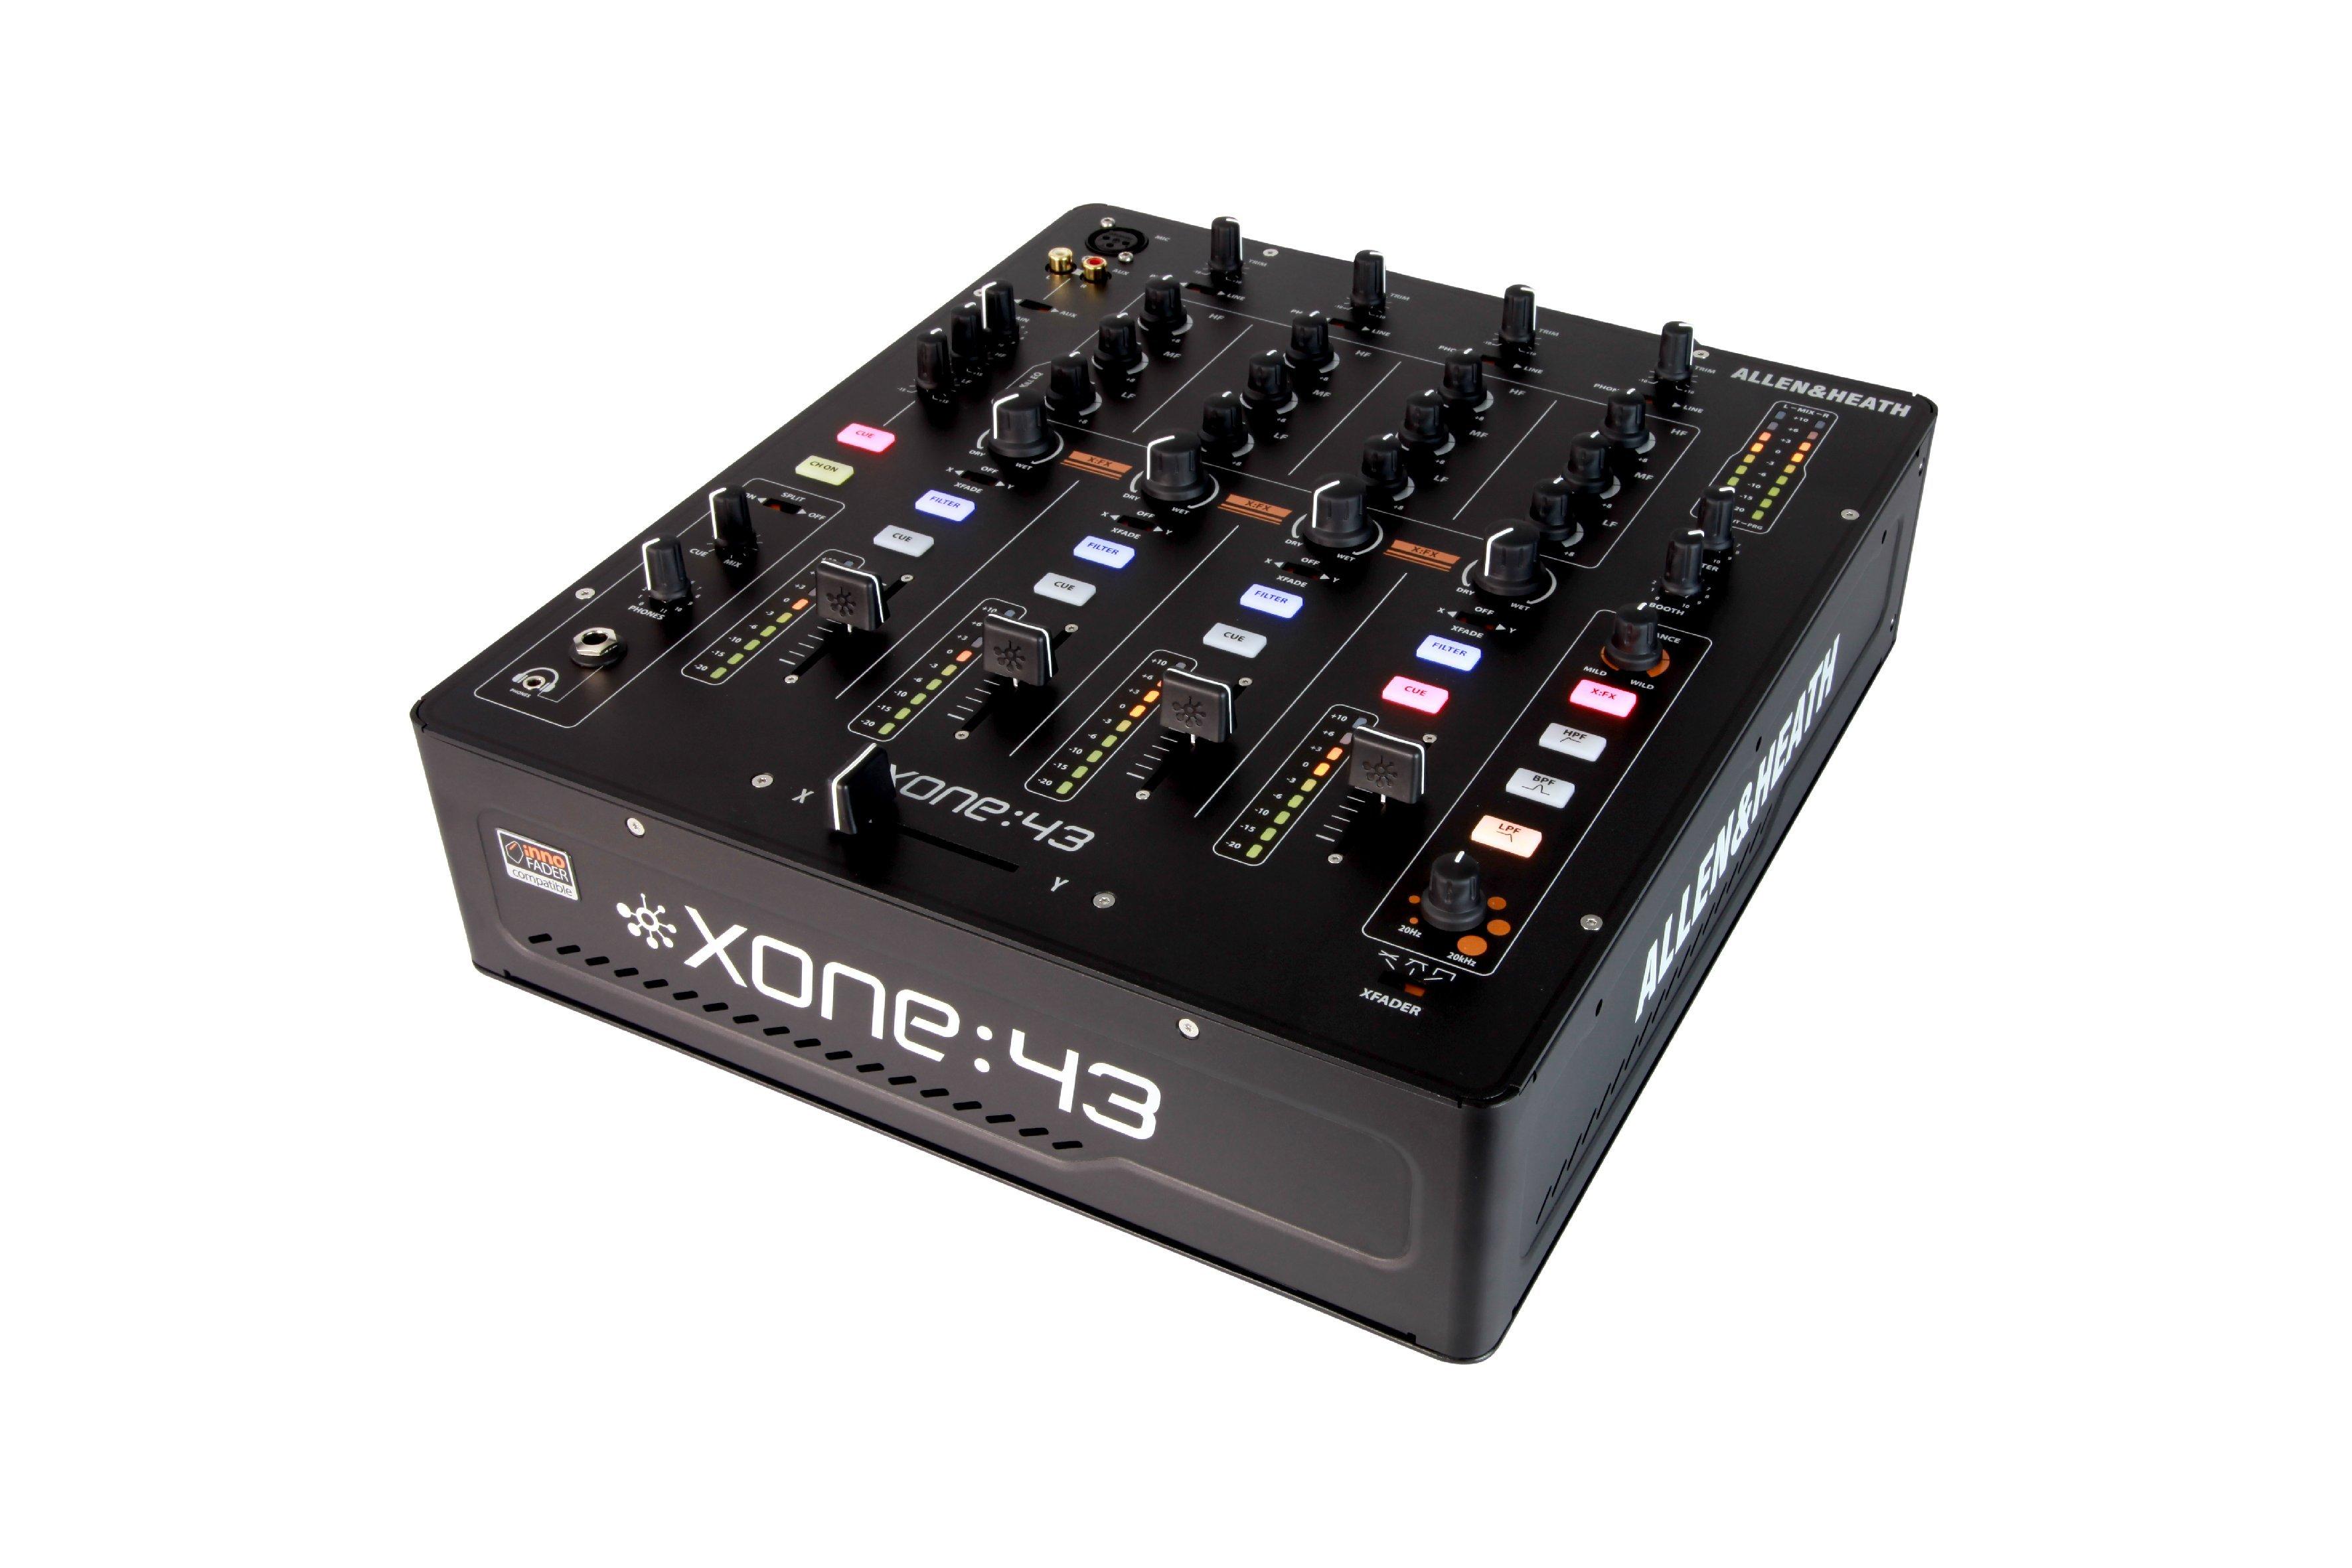 Neu: Allen & Heath Xone:43 - Analoger 4-Kanal Mixer